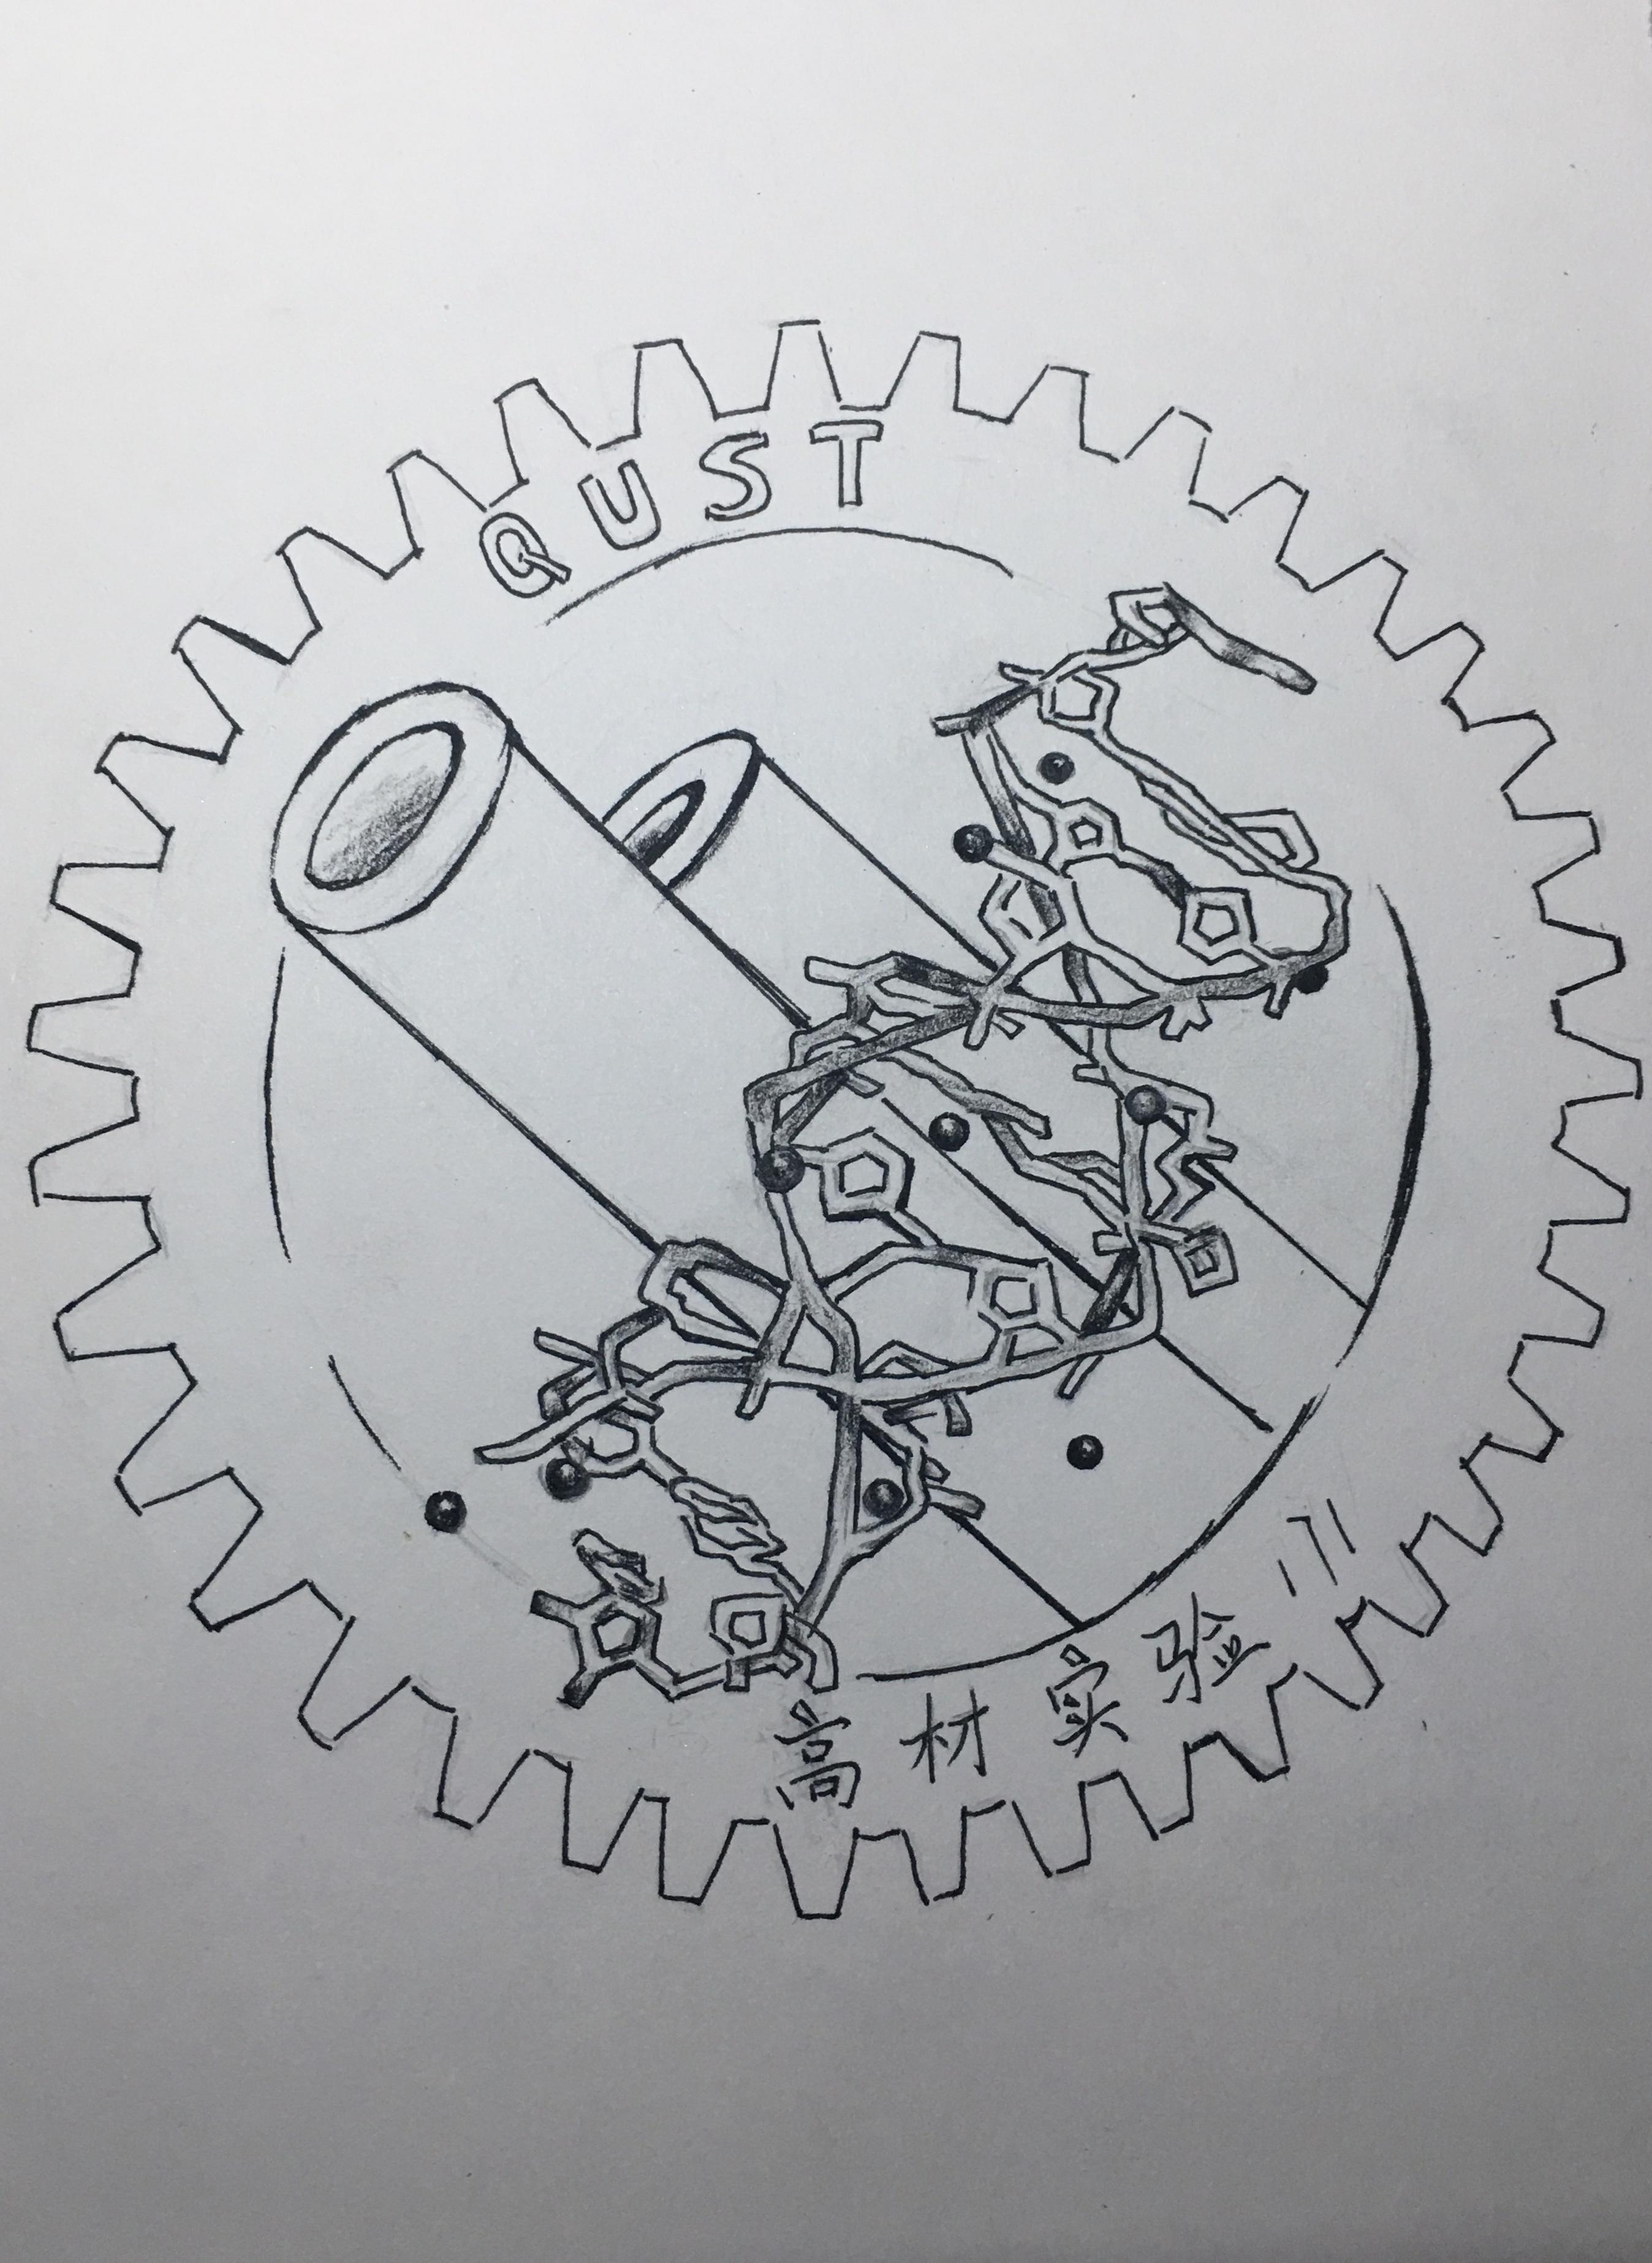 怎样设计手绘班徽